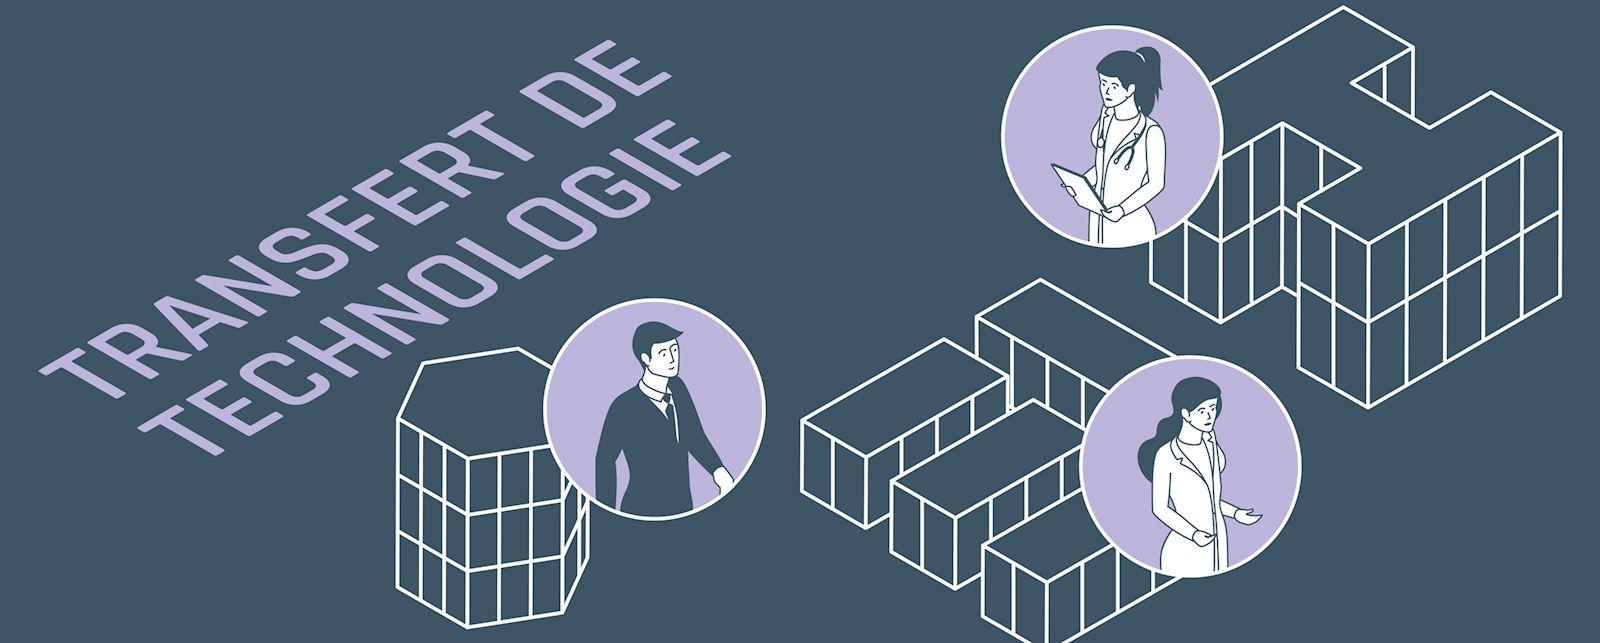 Le transfert de technologie, une passerelle vers l'innovation